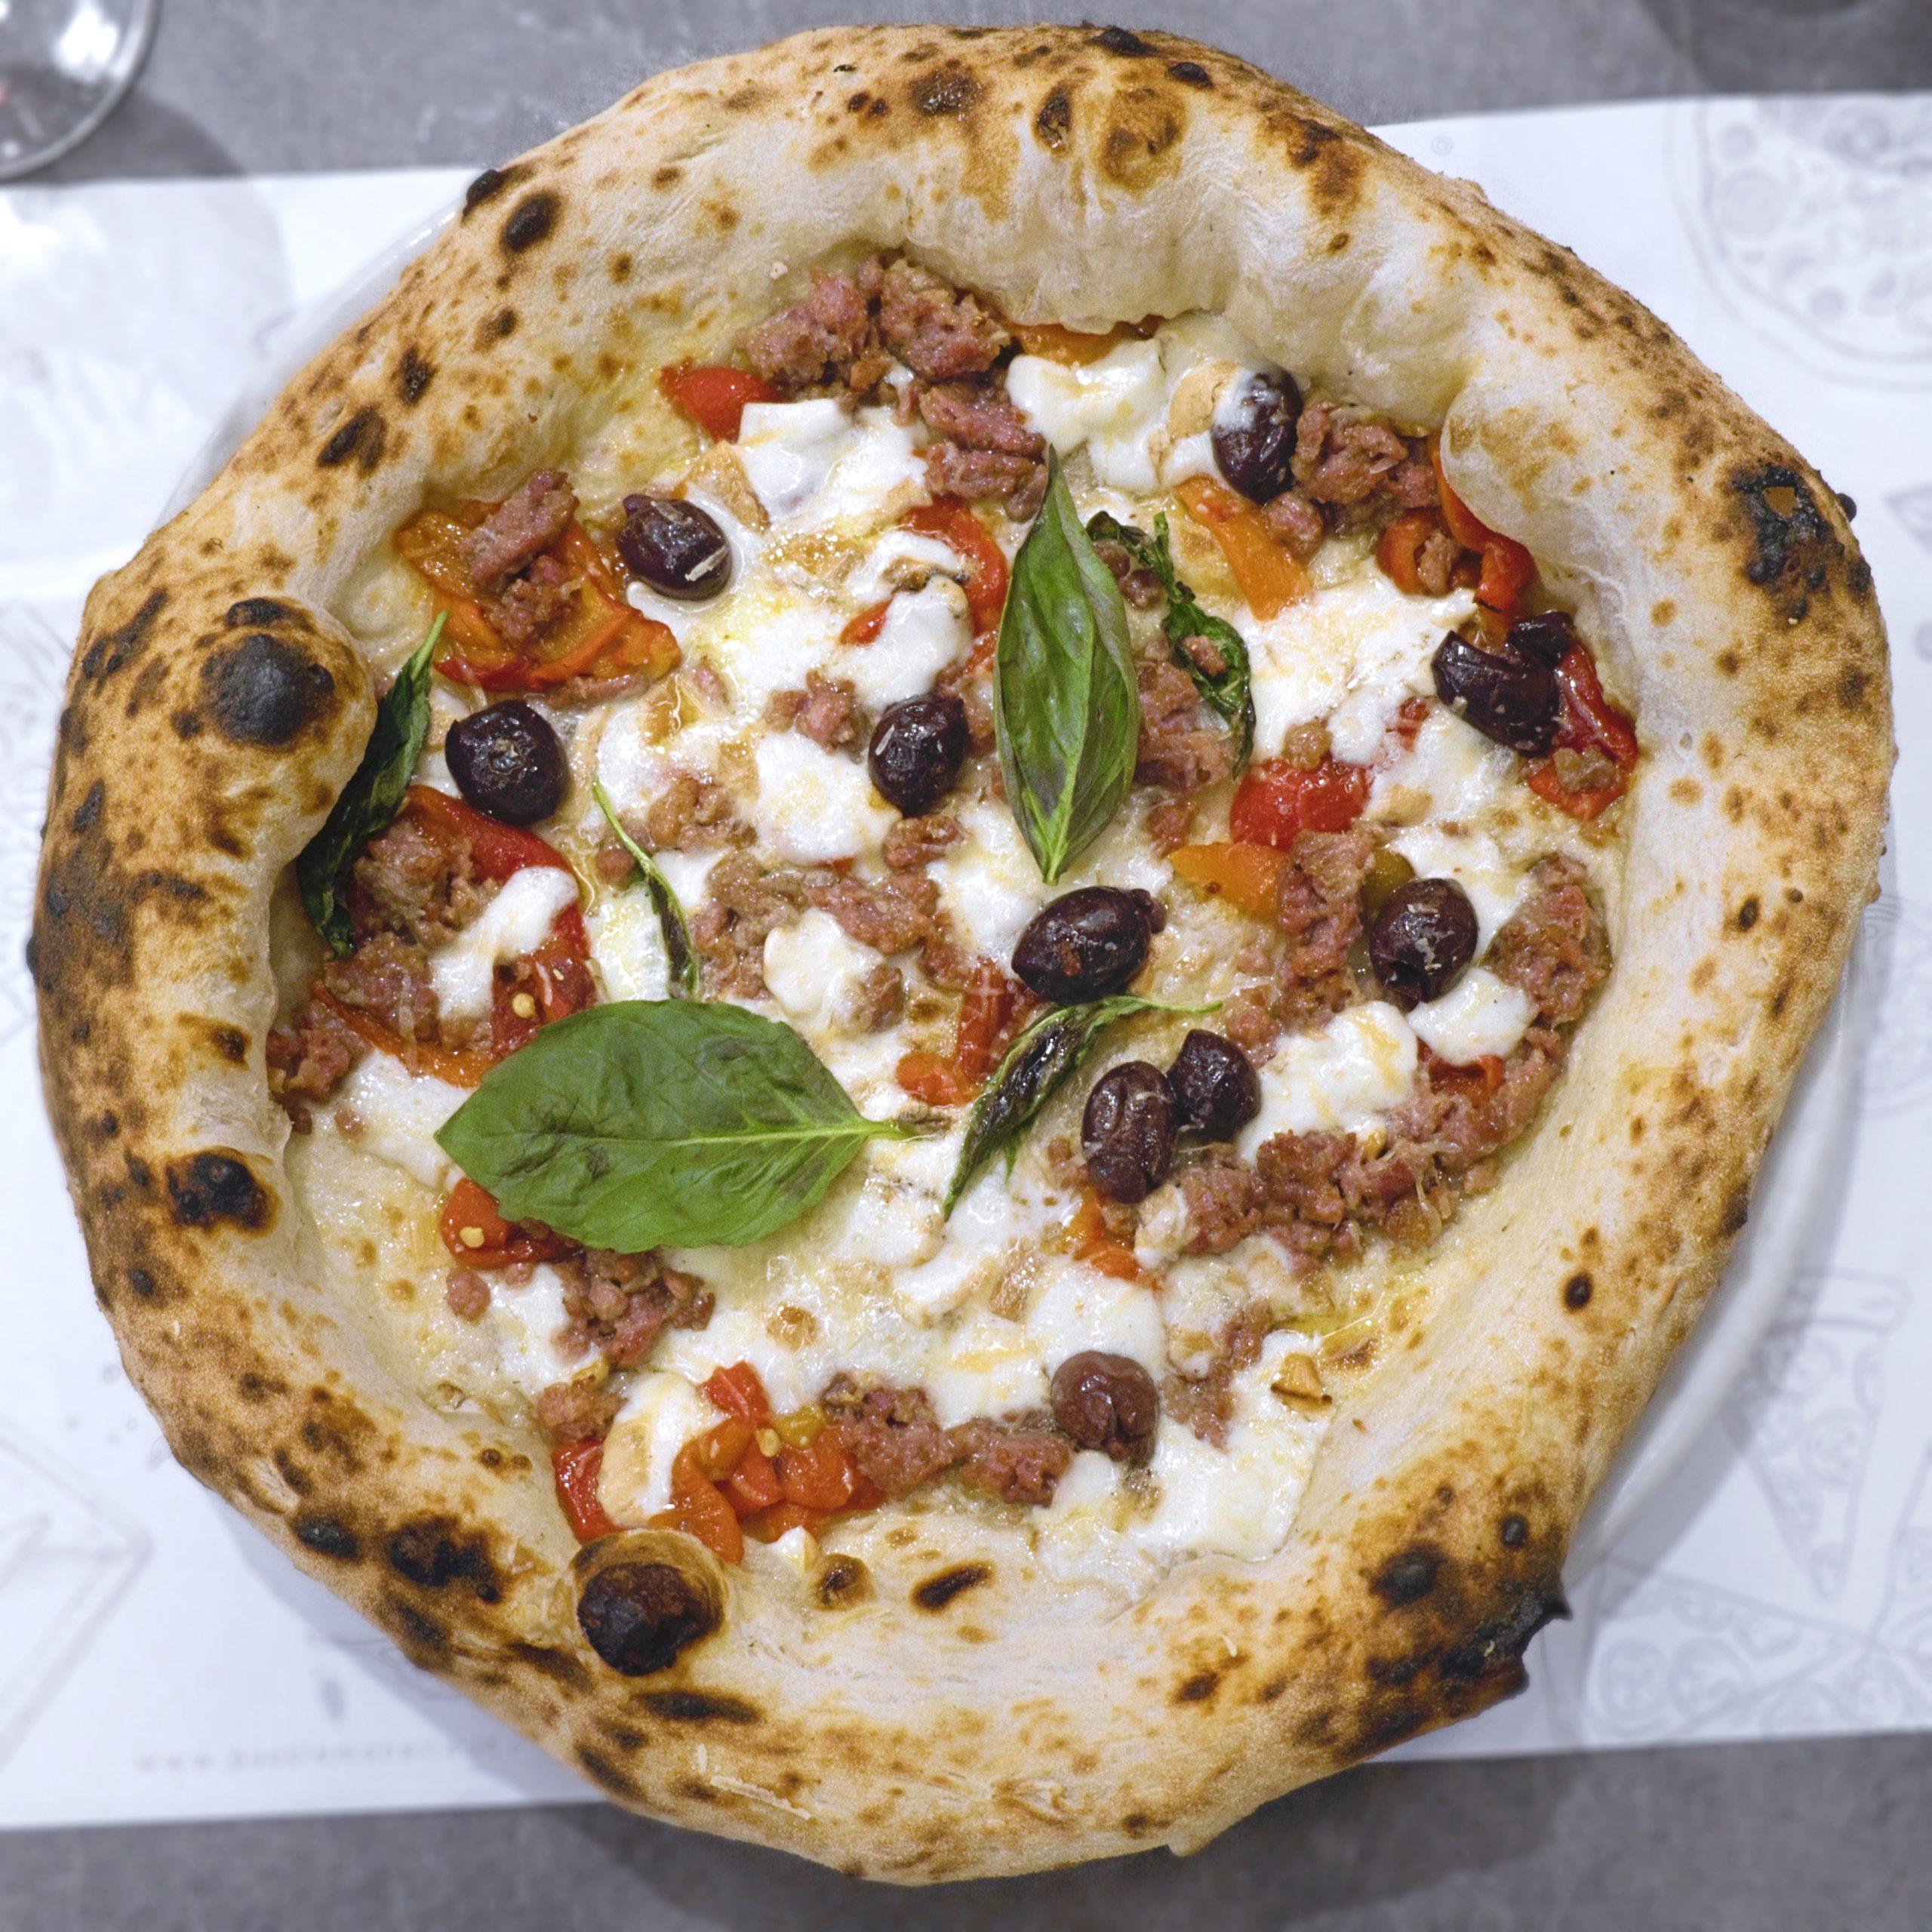 Puparuò (Pizzeria Pucci e Manella, Latina)